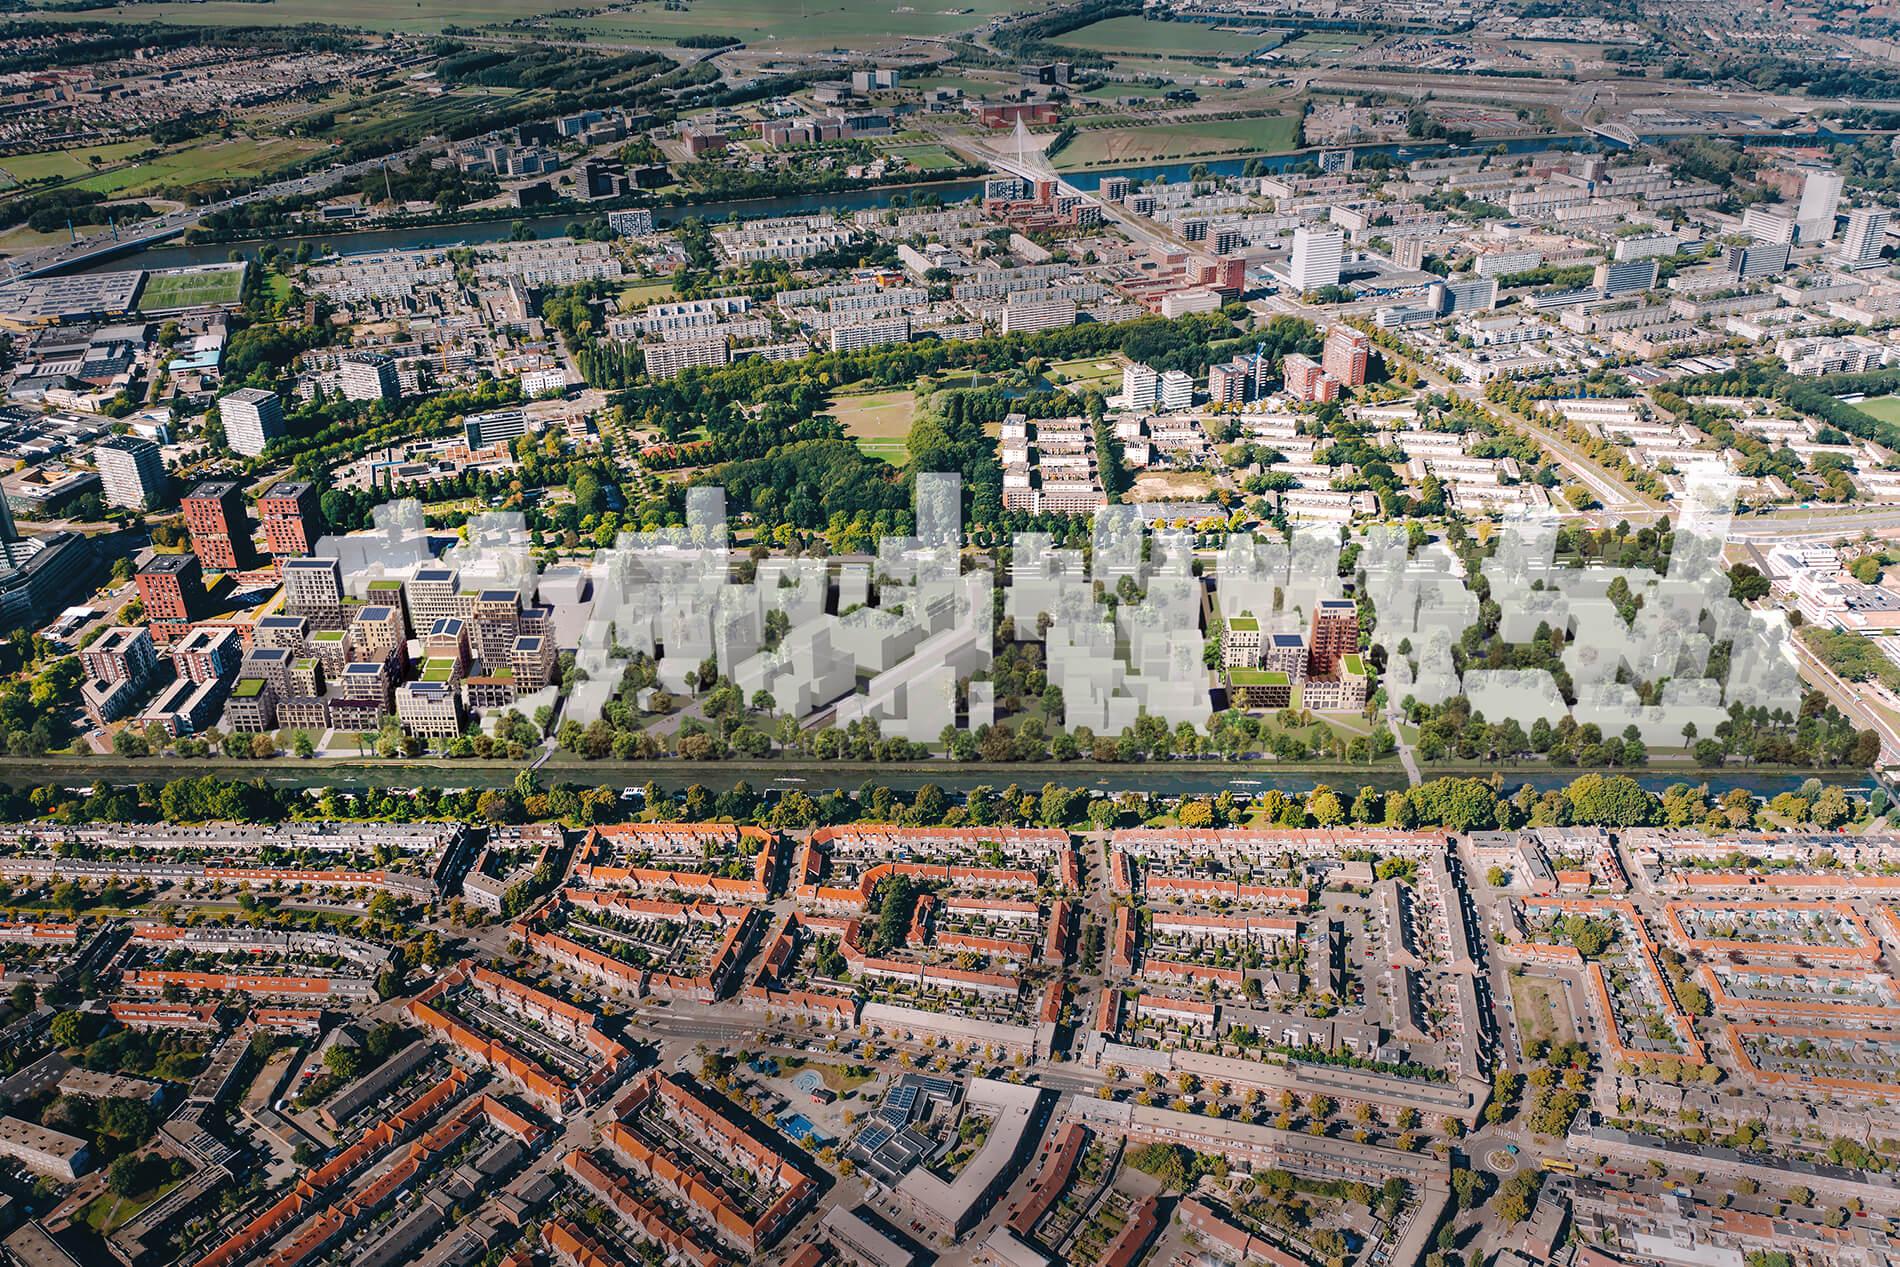 Merwede - Utrecht - Rijnboutt - Bird's-eye view